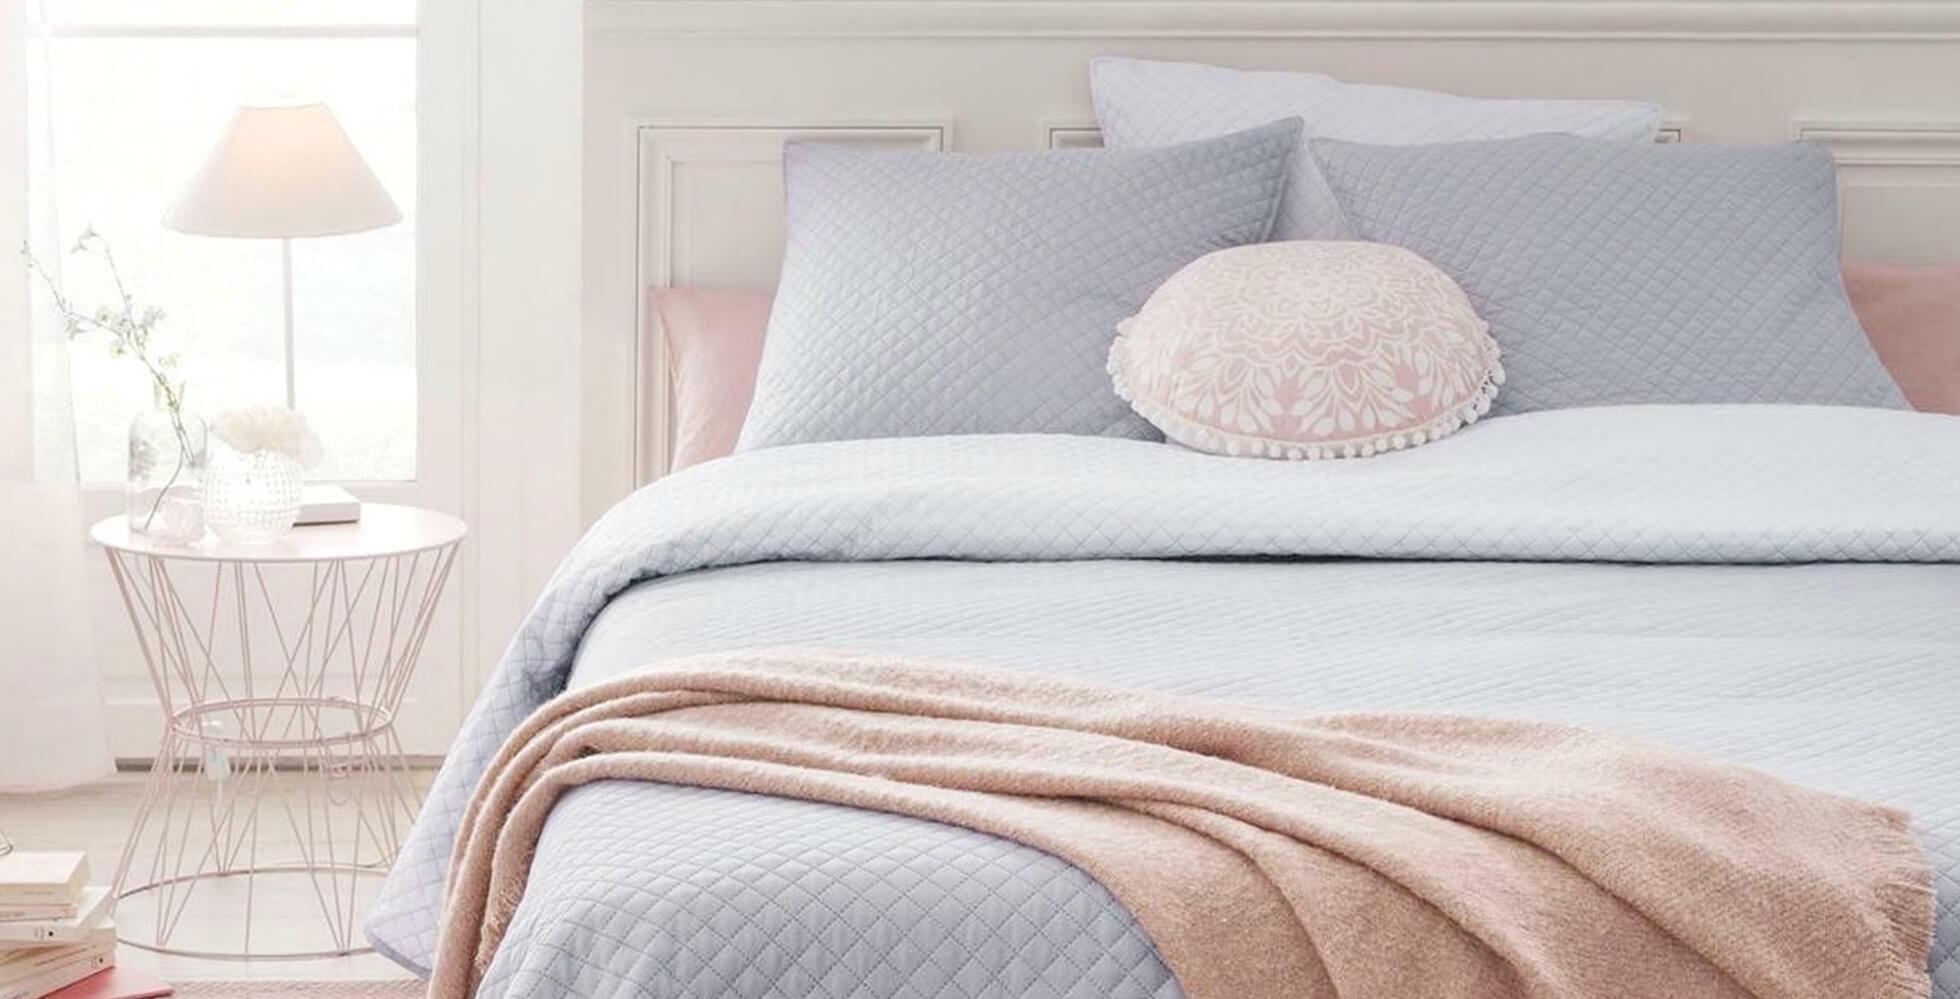 décoration de chambre avec linge de lit bleu